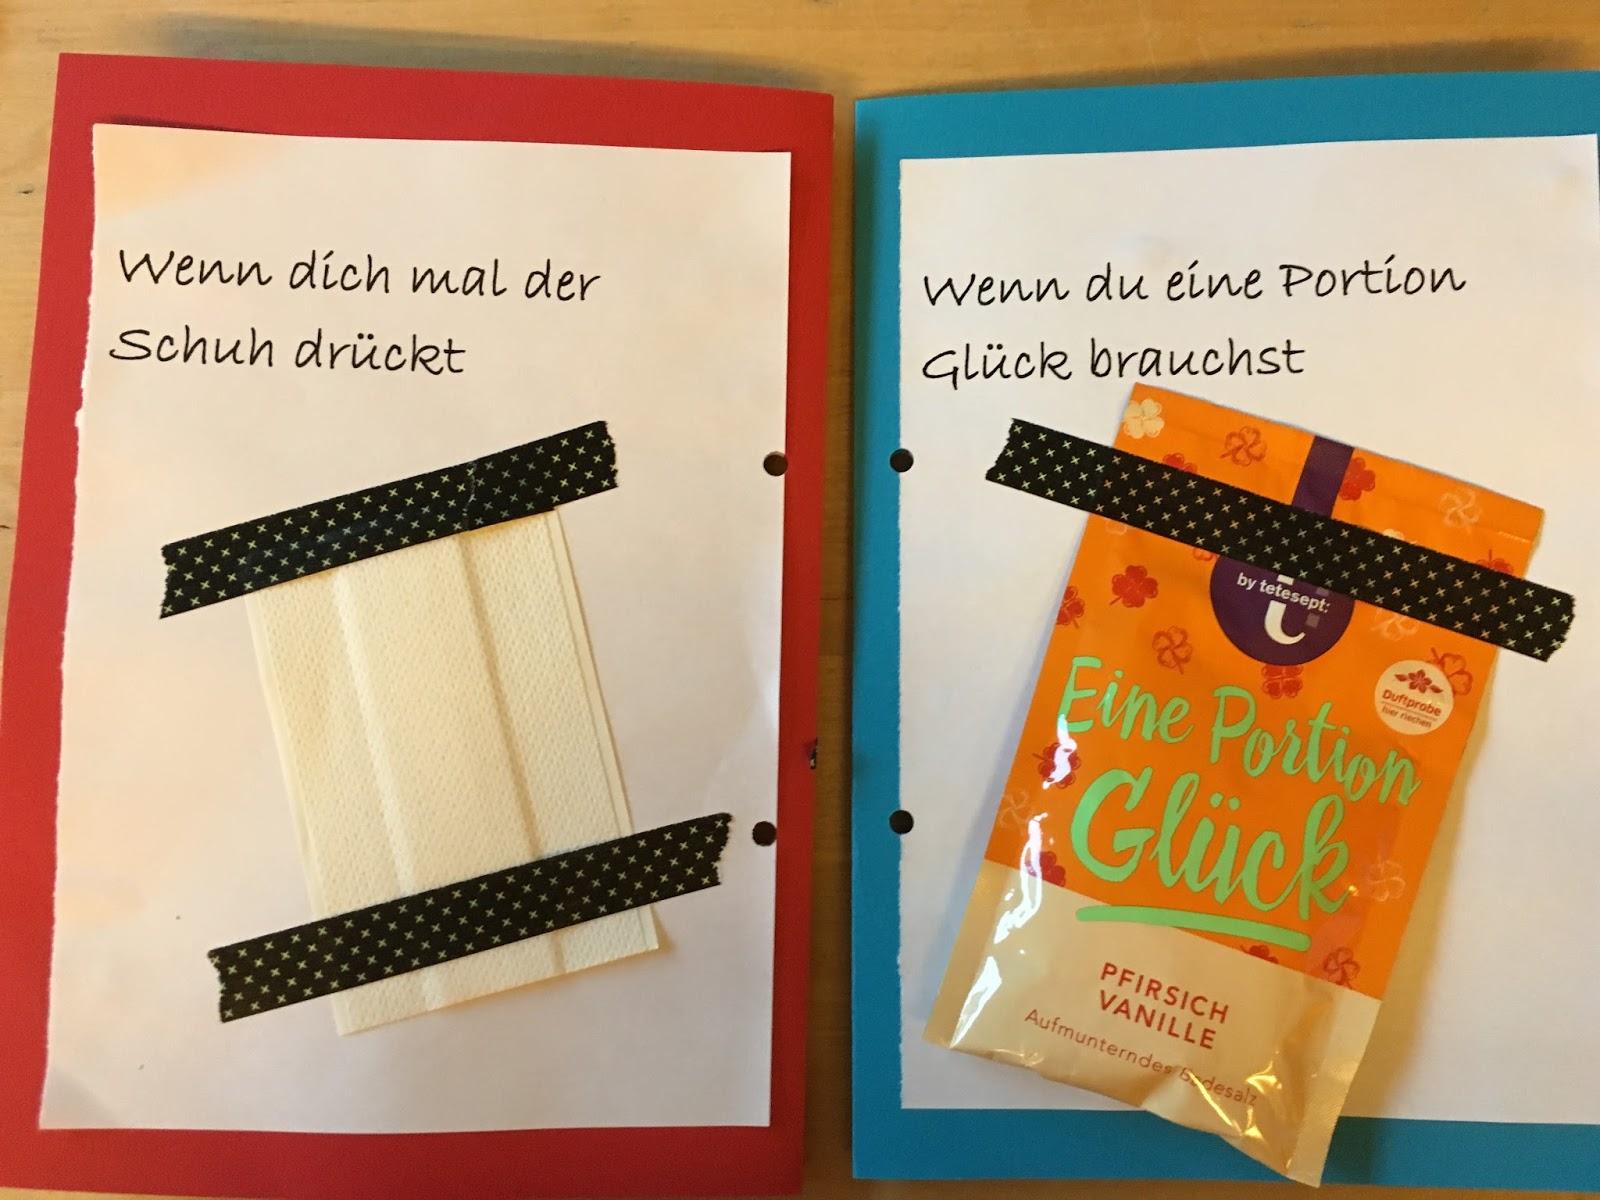 Birgit schreibt: Geschenkidee: Wenn-Buch